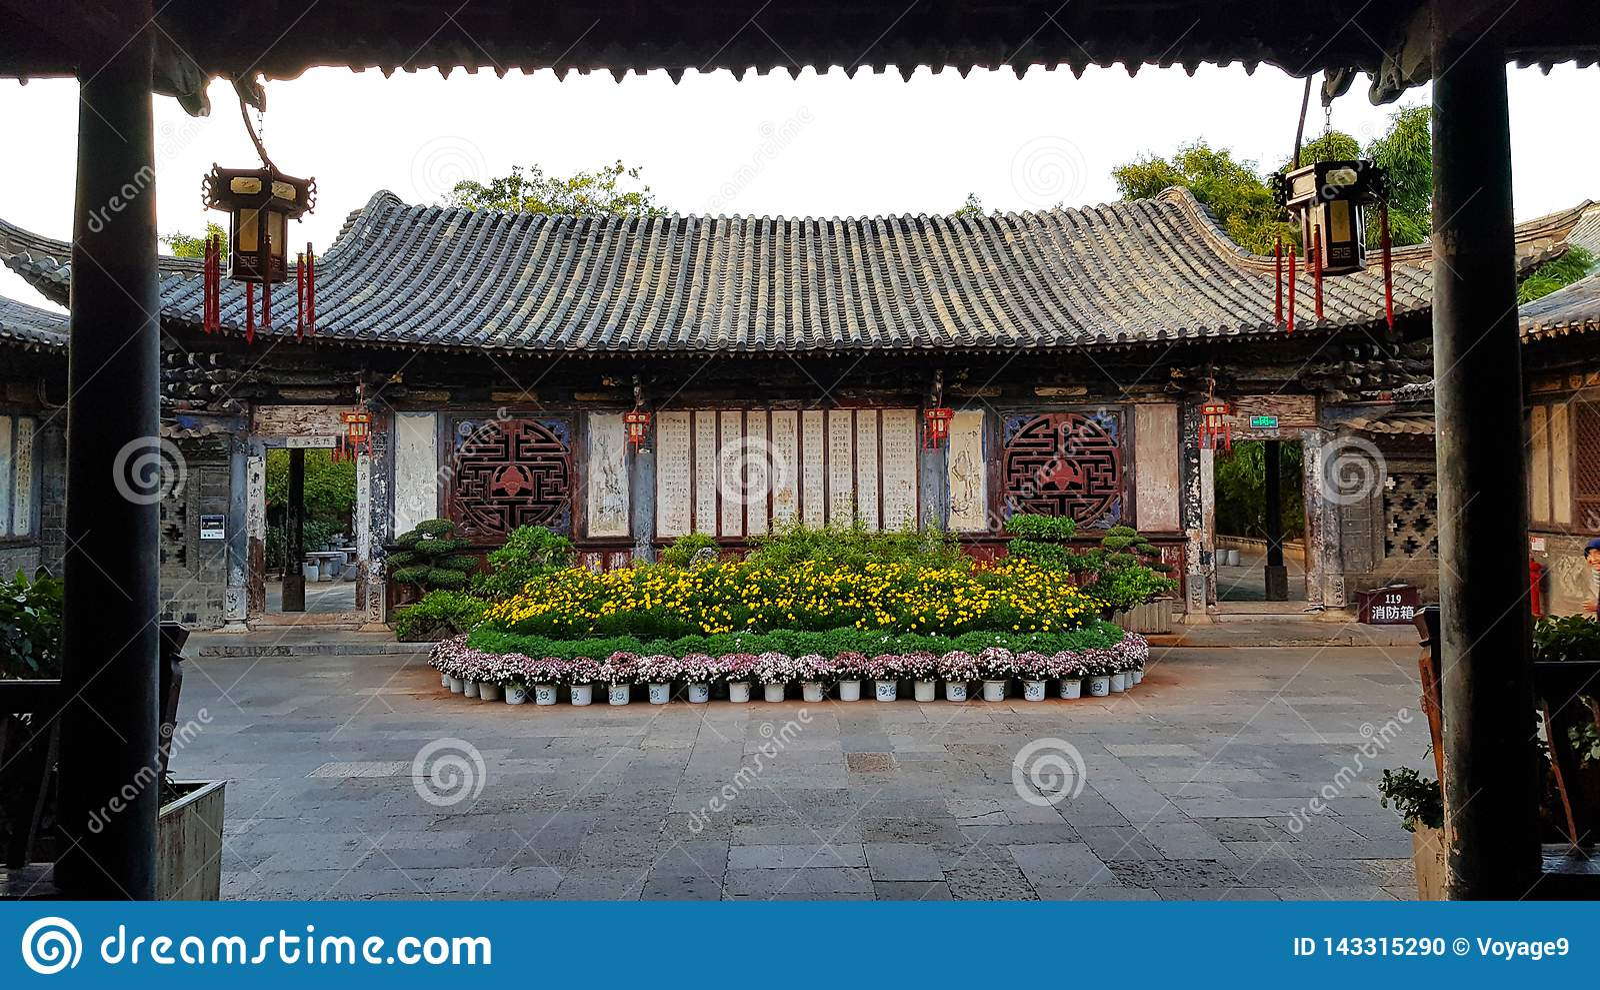 Wewnętrzny podwórze w typowej Chińskiej szlachetnej siedzibie Zhu rodzina, Jianshui, Yunnan, Chiny